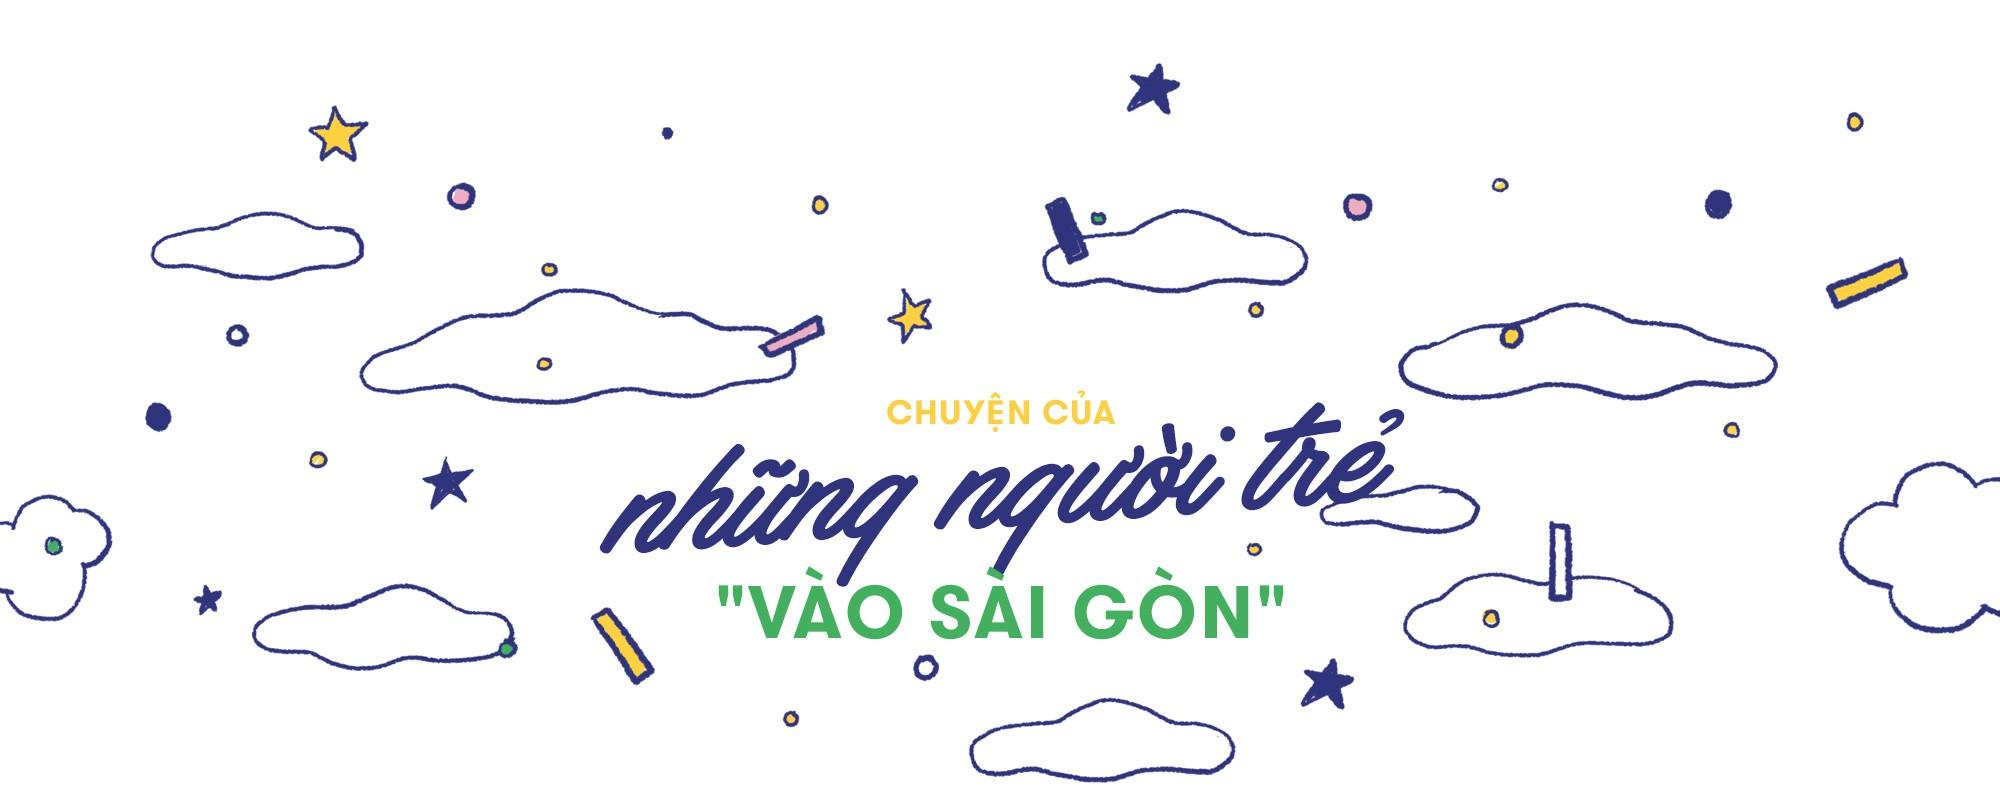 Sống giữa thành phố vội vã và nhộn nhịp như Sài Gòn có buồn, có cô đơn? Có  những câu hỏi, hãy để cho chính người lựa chọn tới mảnh đất này ...